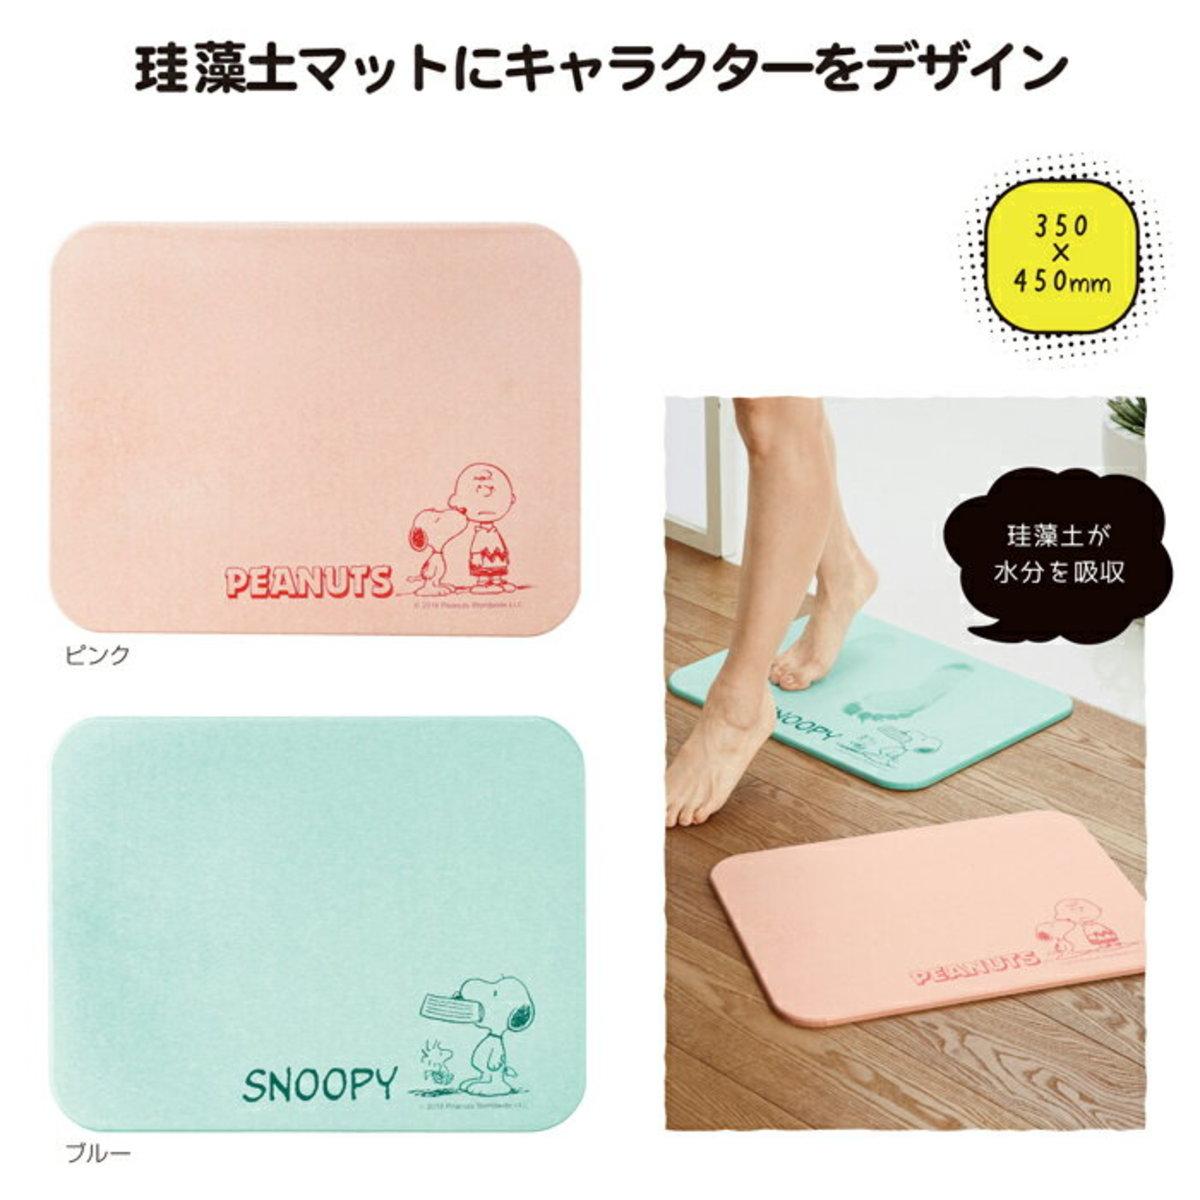 (Pink) Japan Diatomaceous Earth Natural Antibacterial Anti-Slip Bathroom Mat - Snoopy